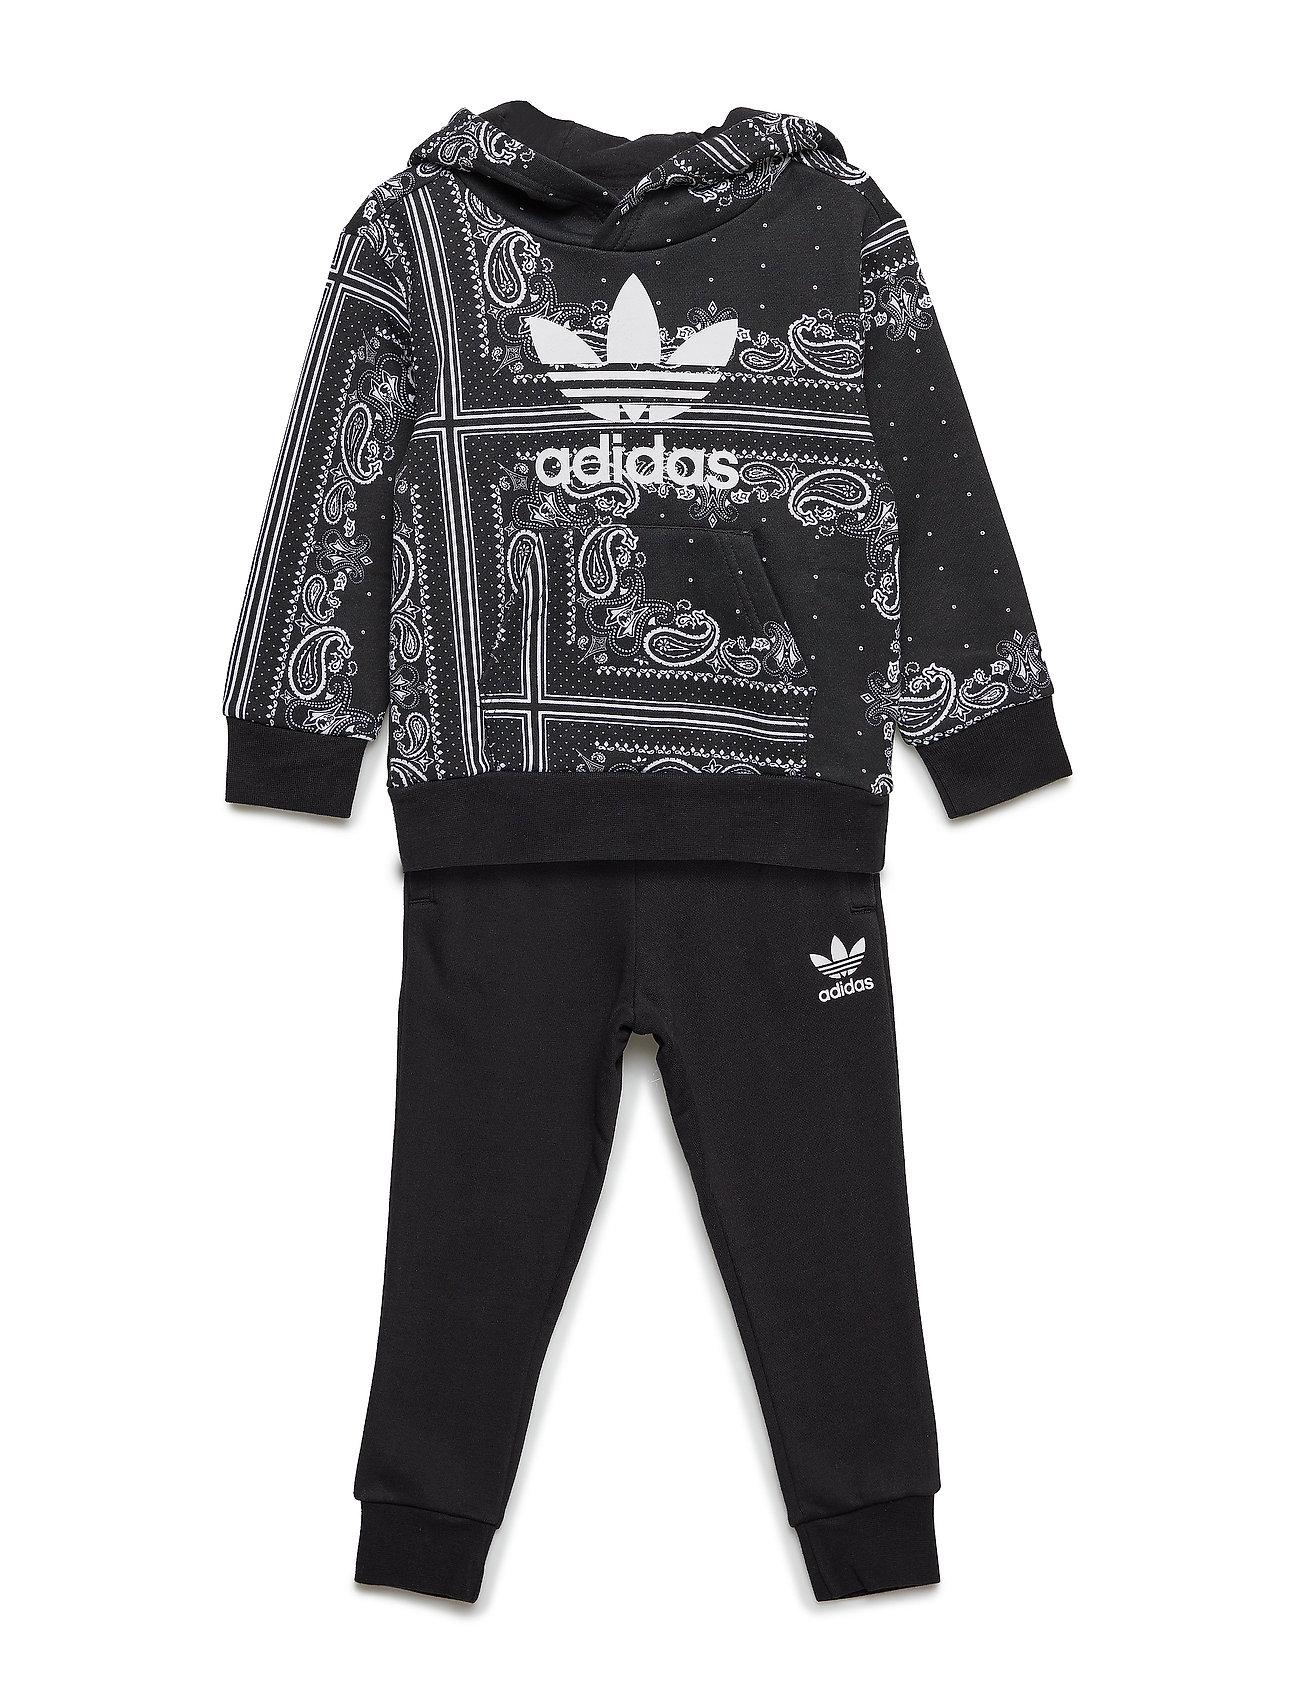 24d4d014 Sort Adidas Bandana Hoodset træningsshorts for børn - Pashion.dk